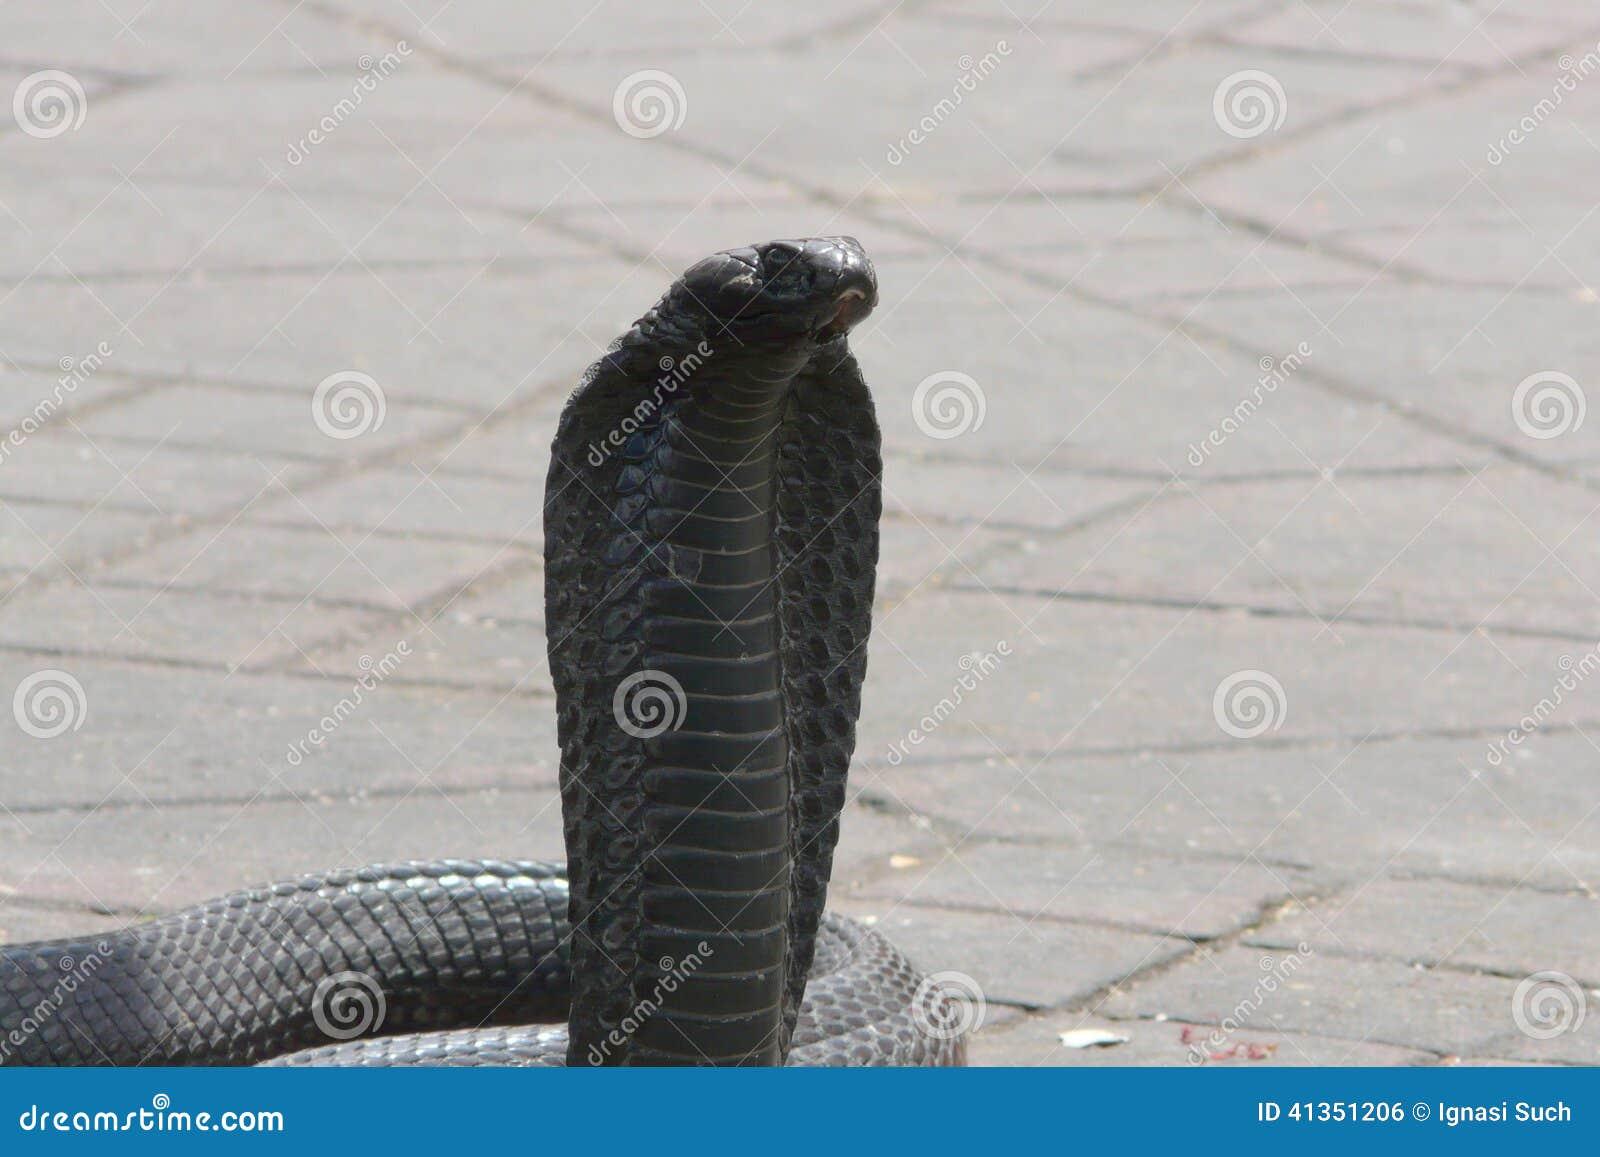 Egyptische die cobra (Naja haje) bij het vierkant van Djemaa Gr Fna, Marrakech, Marokko wordt gecharmeerd